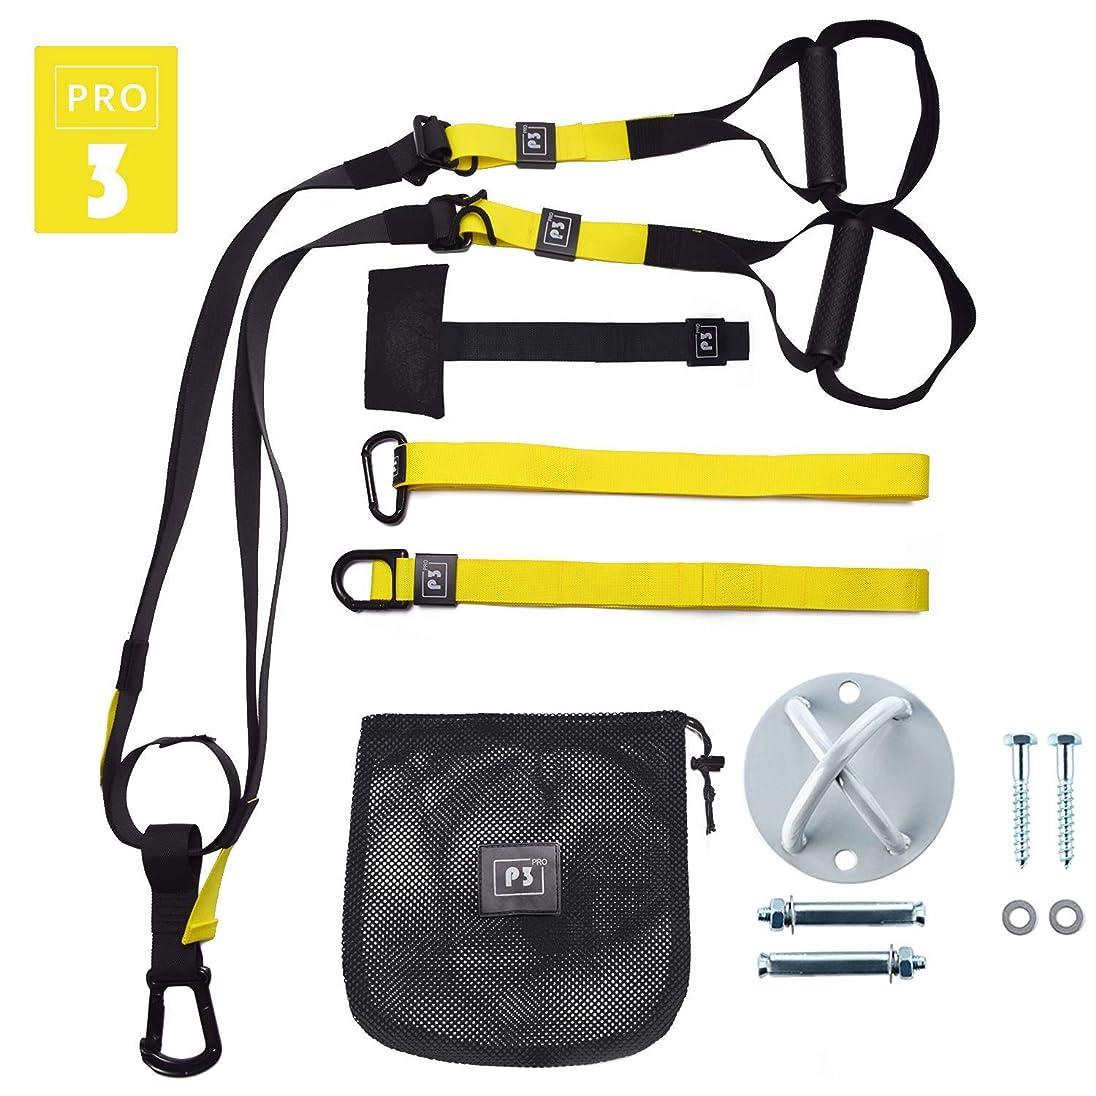 うめきスリット香水サスペンショントレーナーSuspension Trainer Bodyweight Fitness Resistance Straps Trainer Indoors & Outdoors P3 Pro 3 + ウォールマウント フィットネスエクササイズ